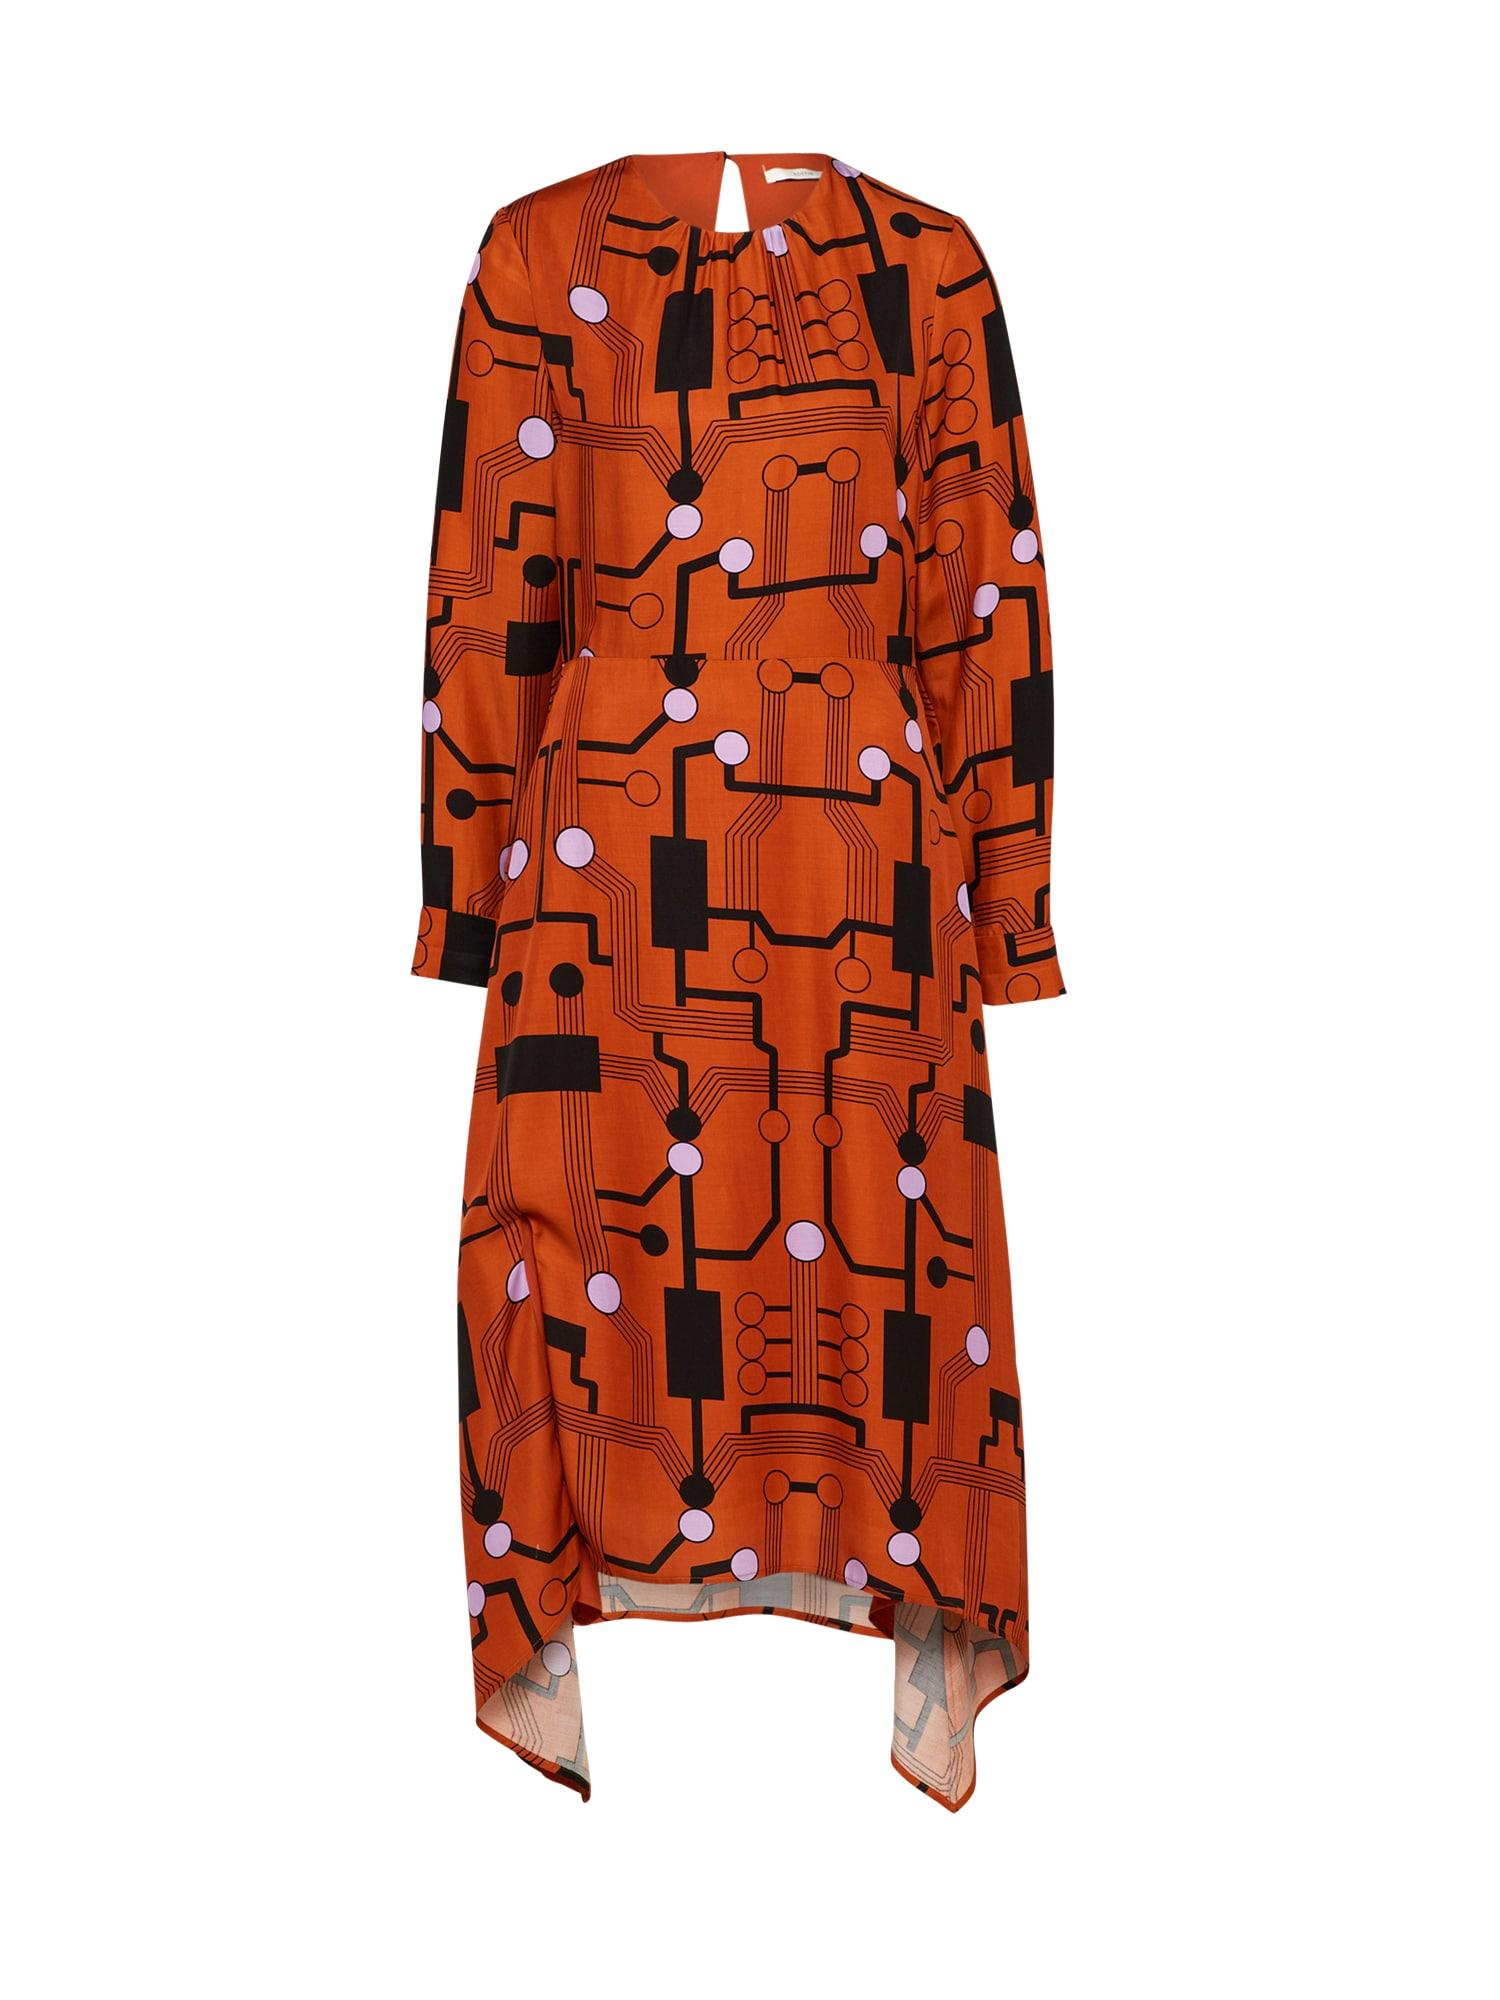 Šaty POSROSE  tmavě oranžová černá bílá POSTYR